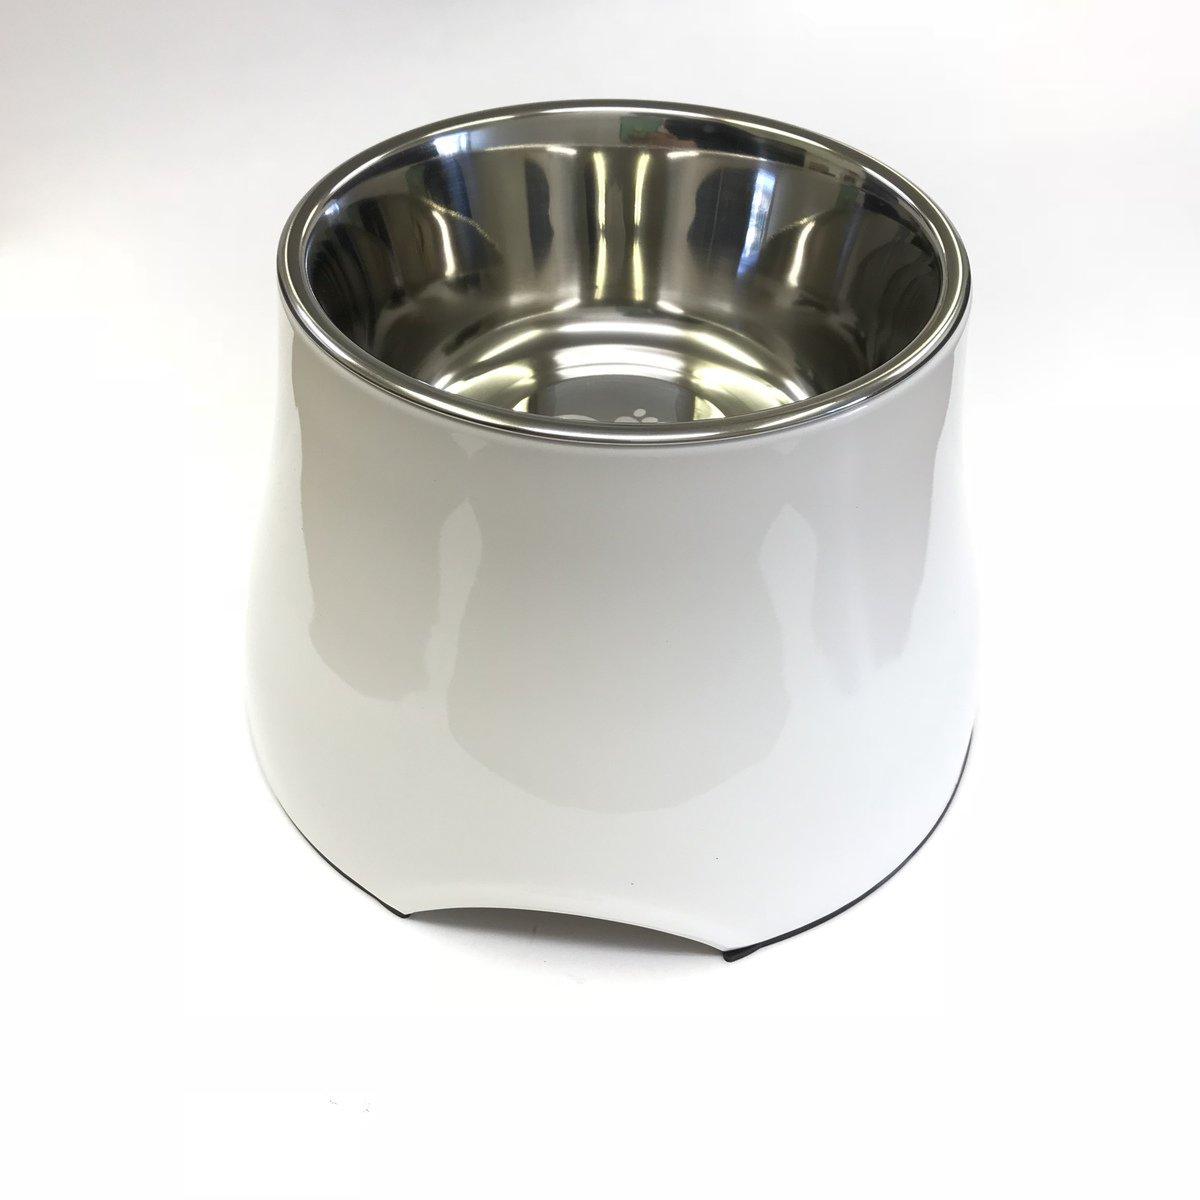 トムキャット [食器]ソリッドカラー ラウンドボウル M ホワイト×12入【送料無料】